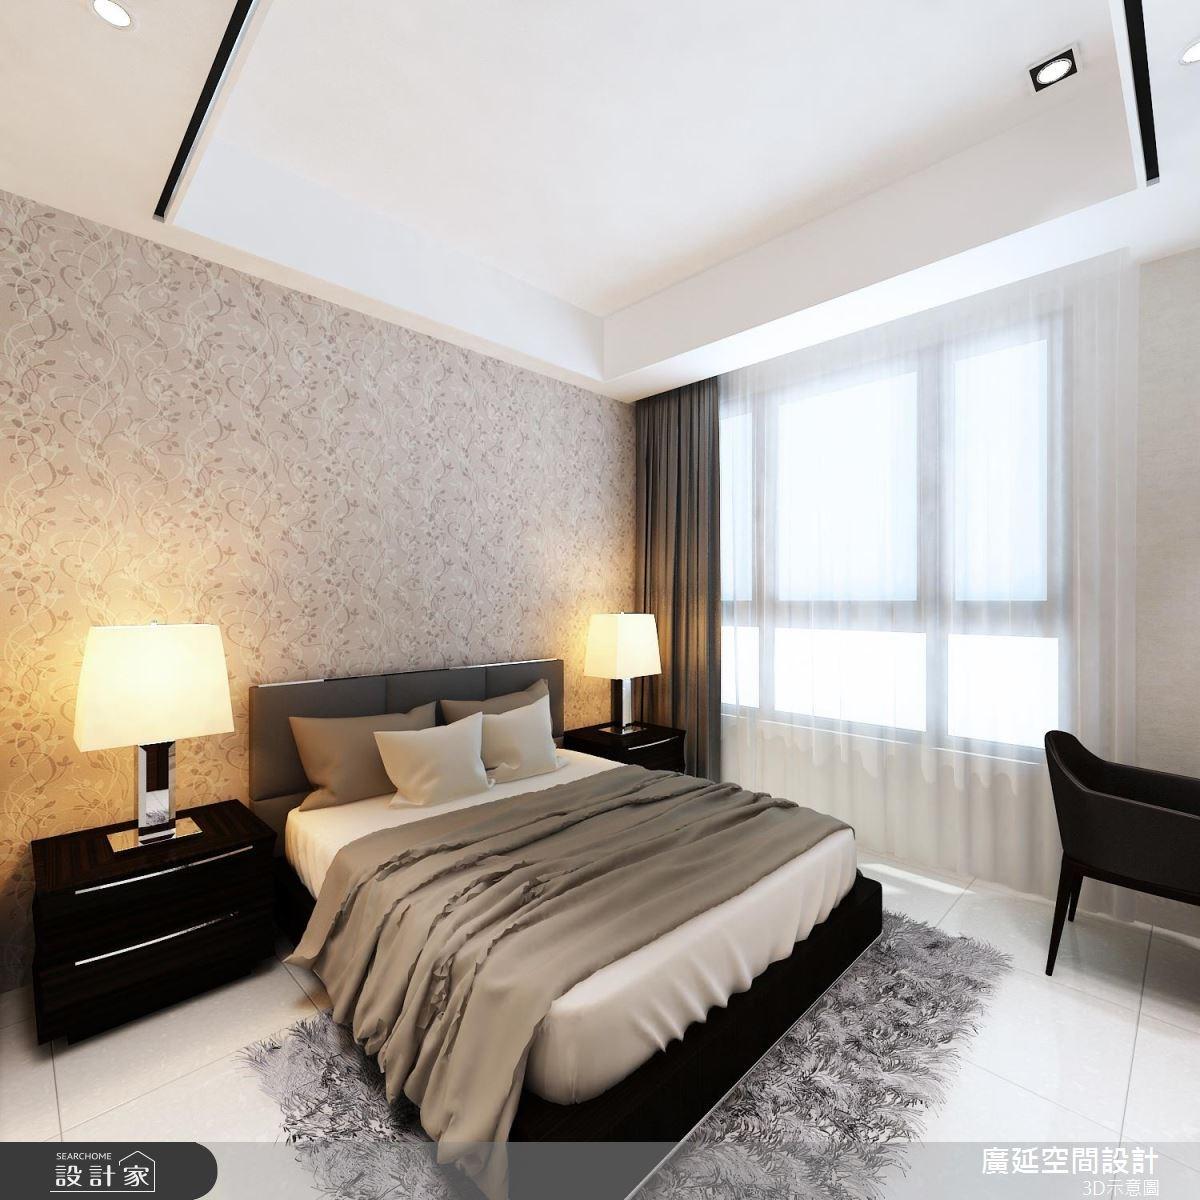 45坪新成屋(5年以下)_新古典臥室案例圖片_廣延空間設計_廣延_16之10